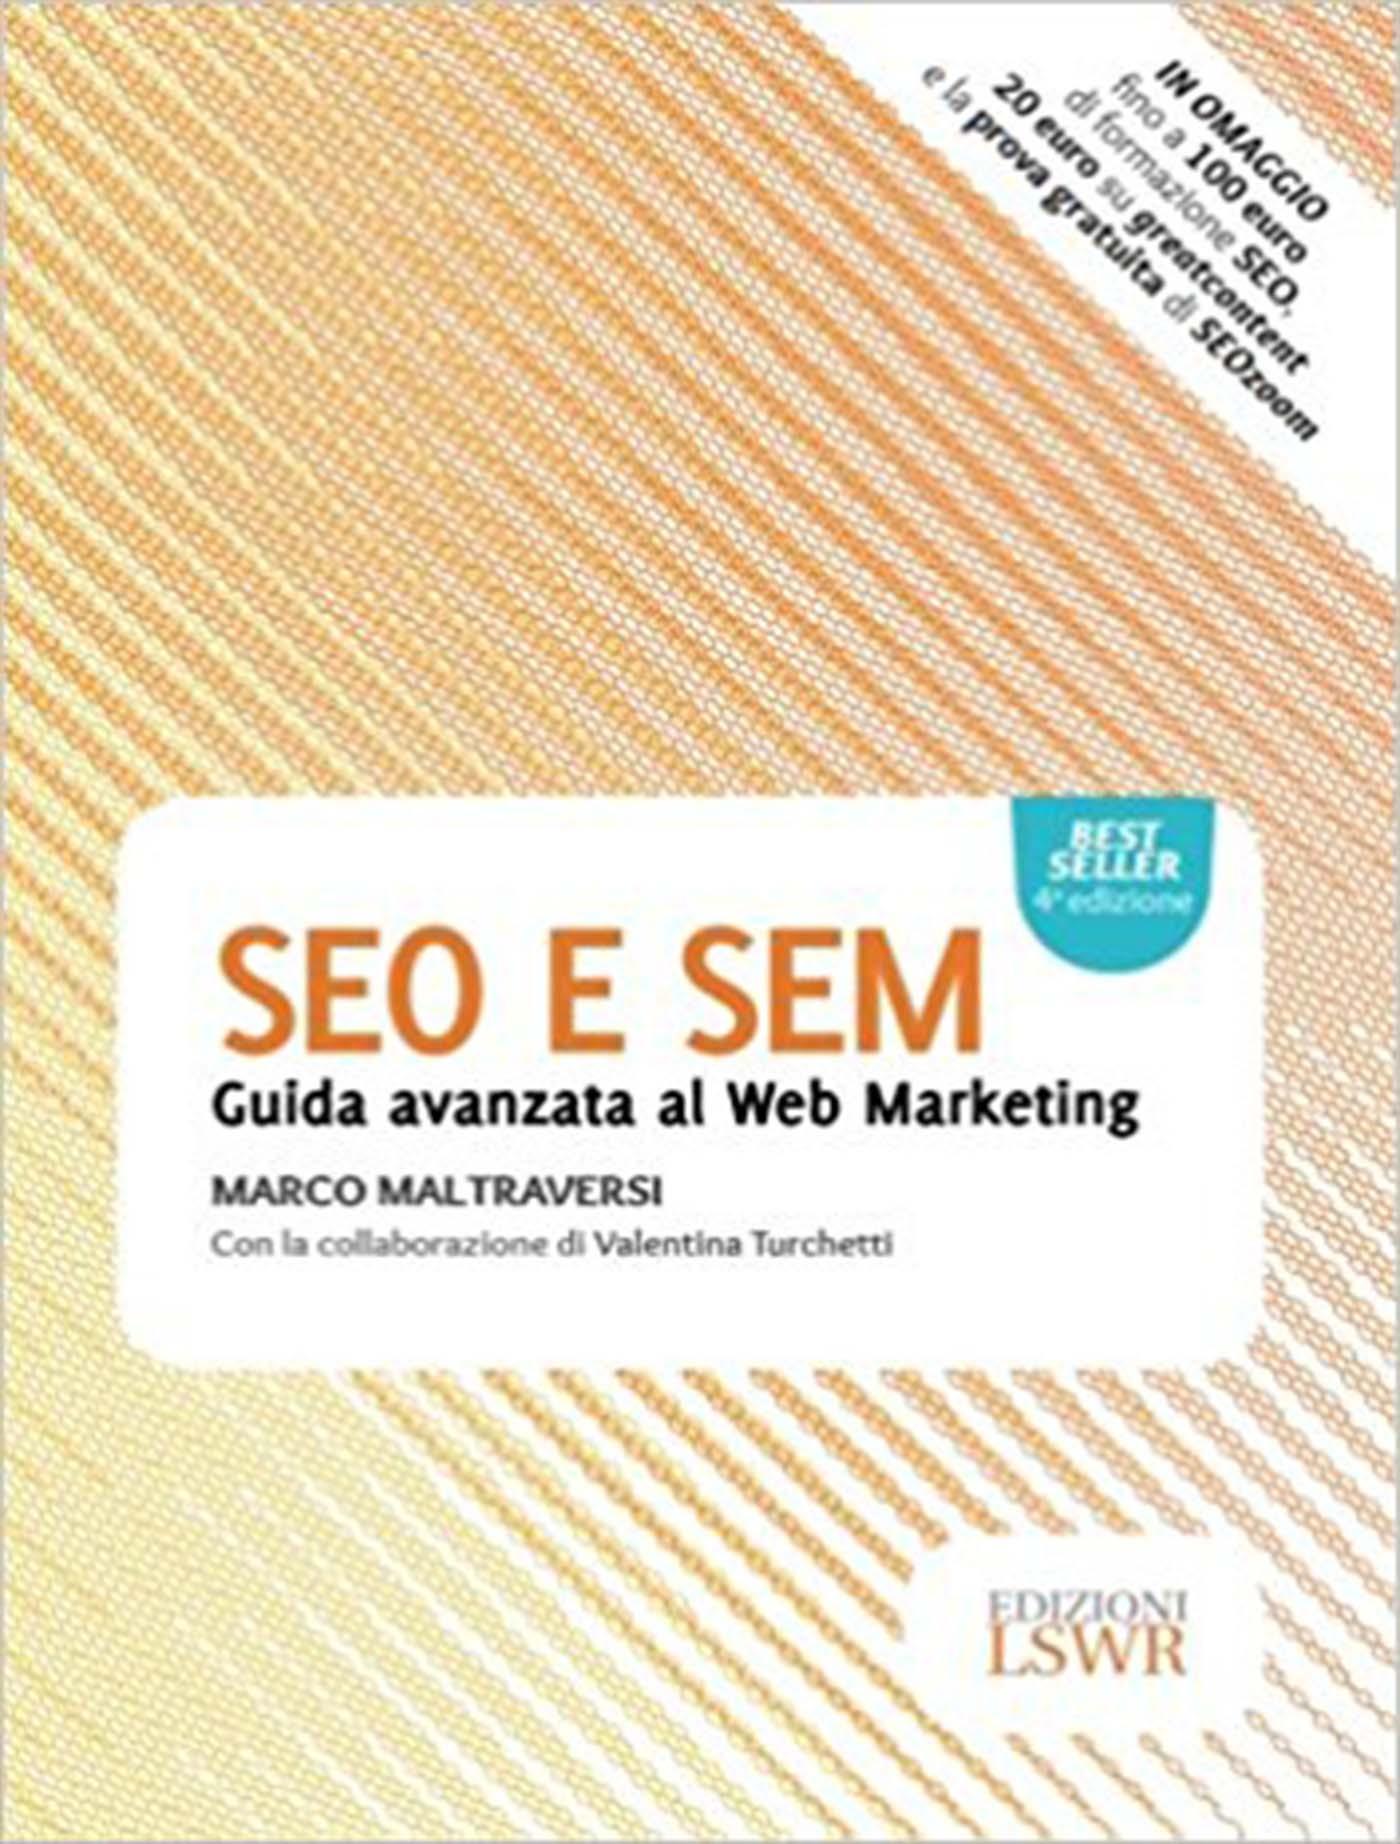 SEO e SEM Guida Avanzata al Web Marketing